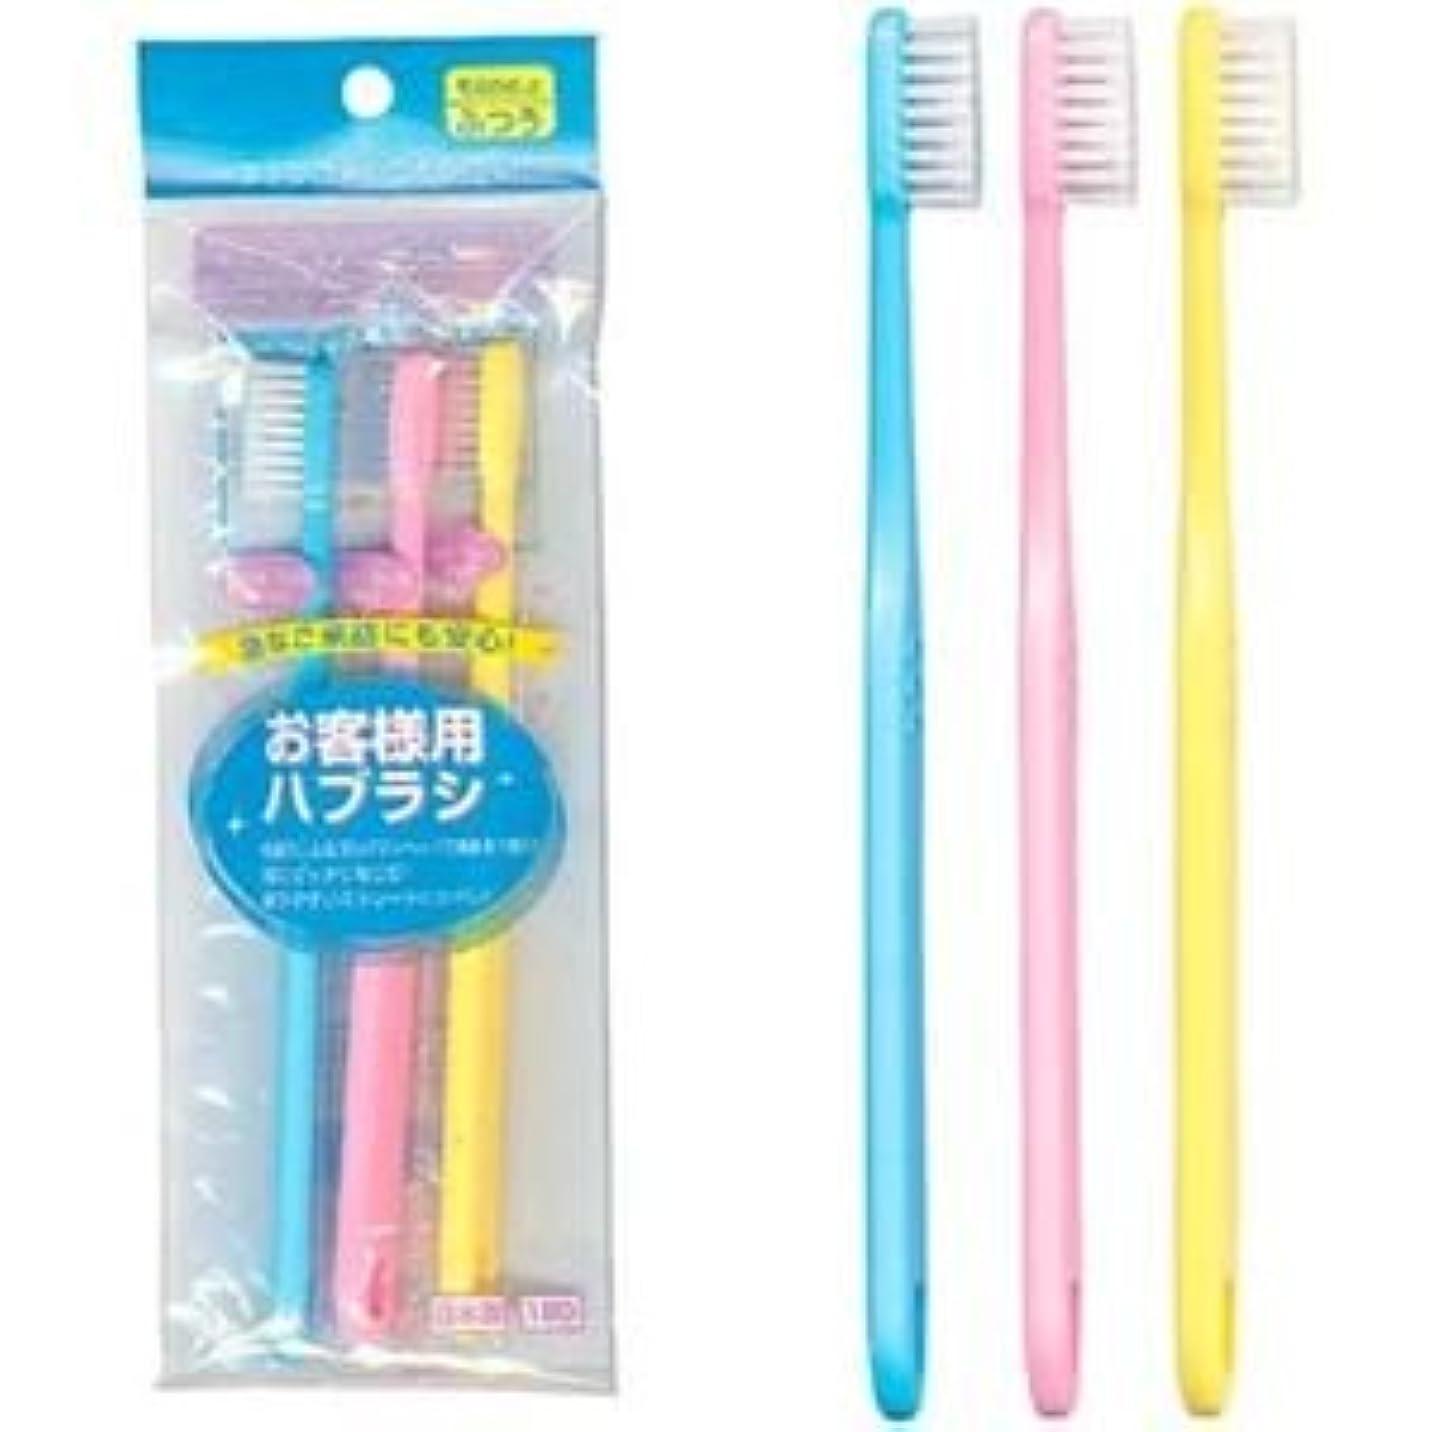 のスコアコジオスコそんなにお客様用歯ブラシ(3P) 【12個セット】 41-006